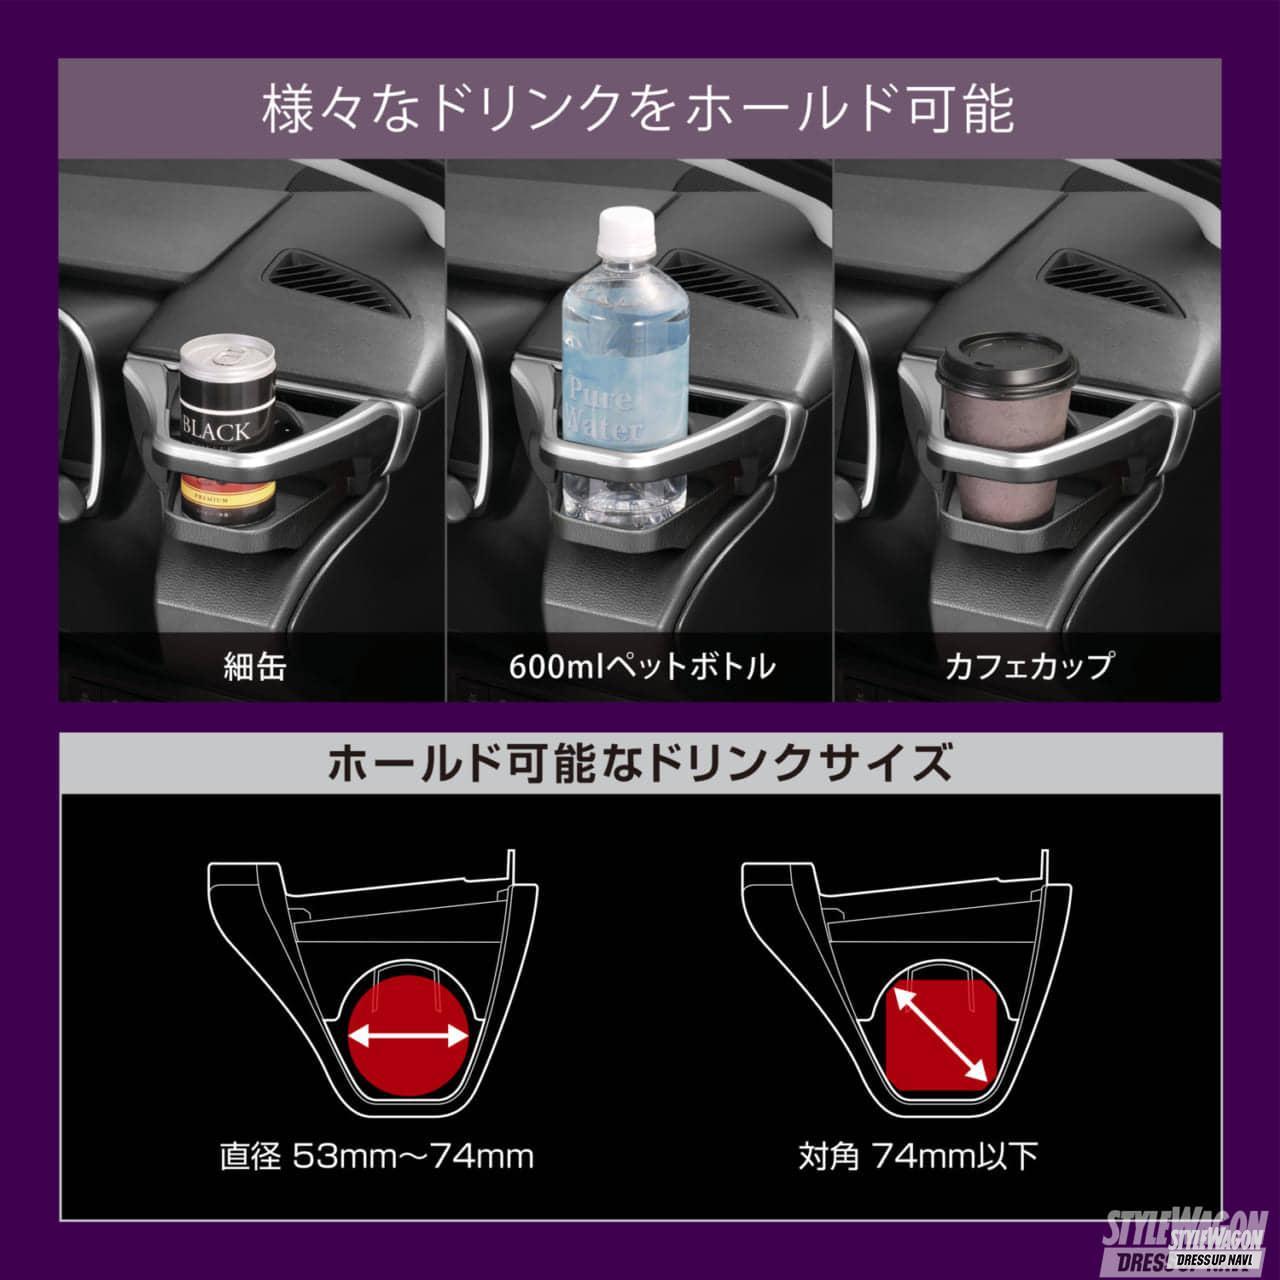 「【現行カローラ3兄弟】専用設計のドリンクホルダー! 先行販売では想定の2倍を超える人気ぶり」の4枚目の画像